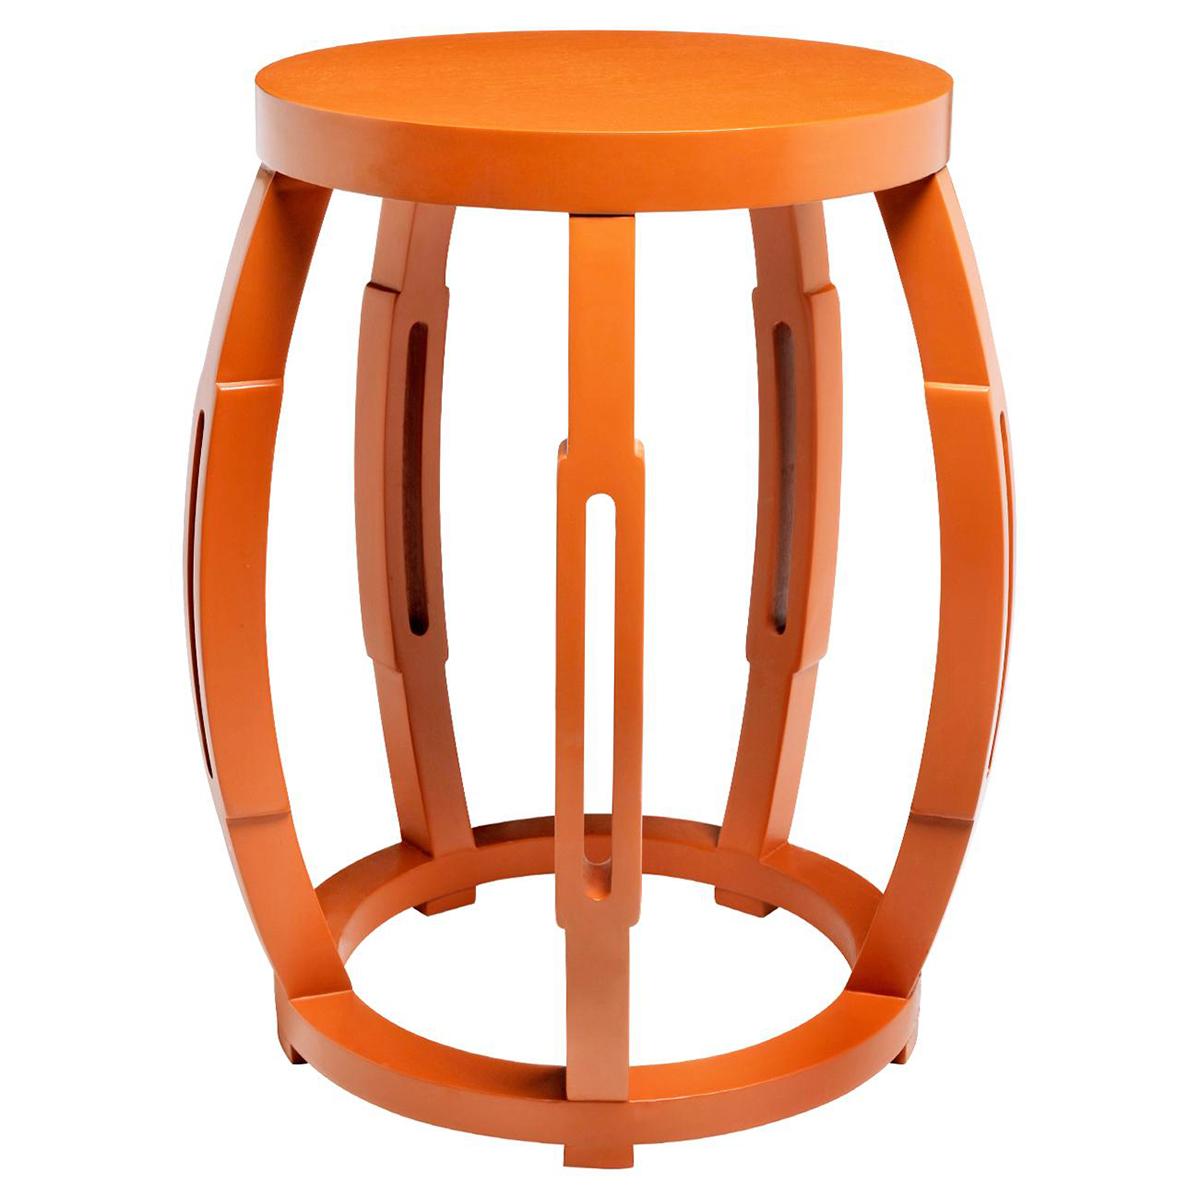 Sanibel Hollywood Regency Orange Side Table Stool